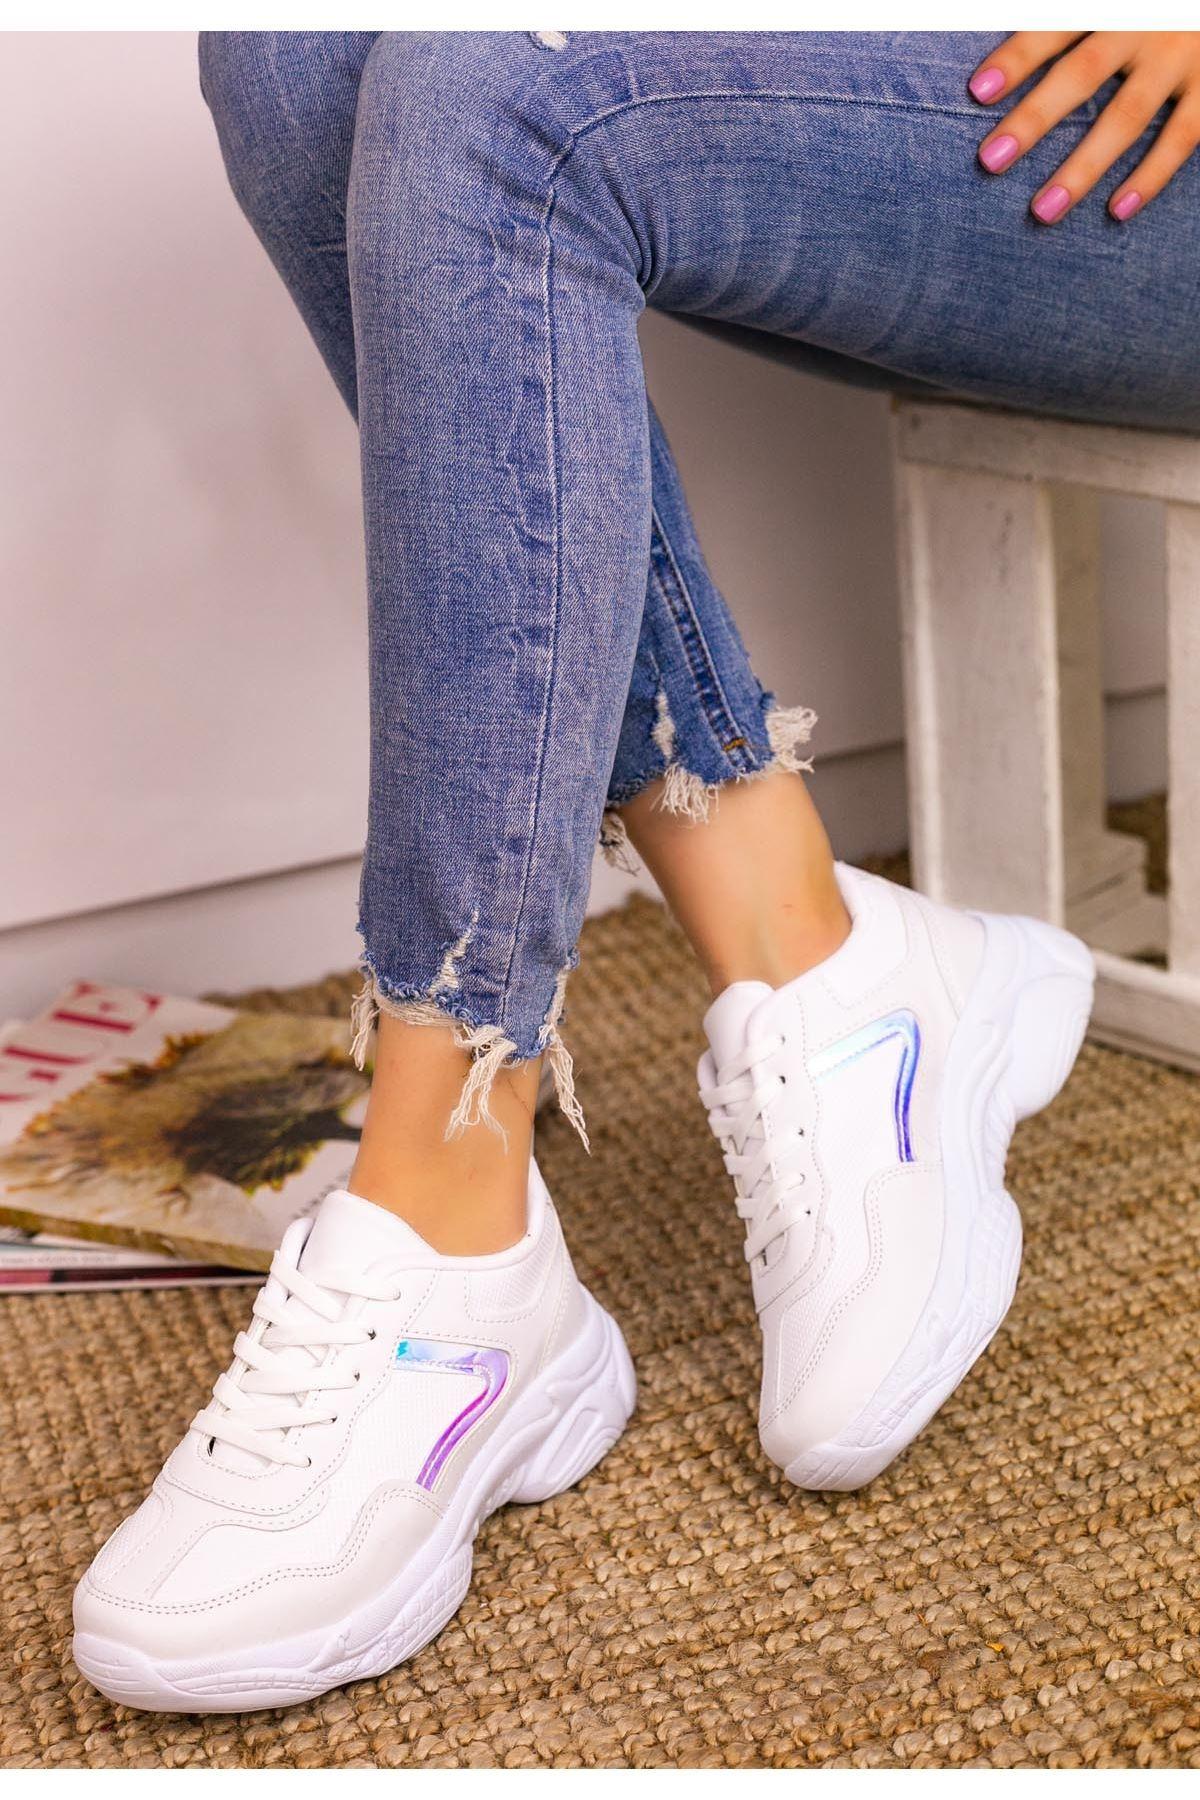 Jomox Beyaz Cilt Gümüş Hologram Detaylı Spor Ayakkabı